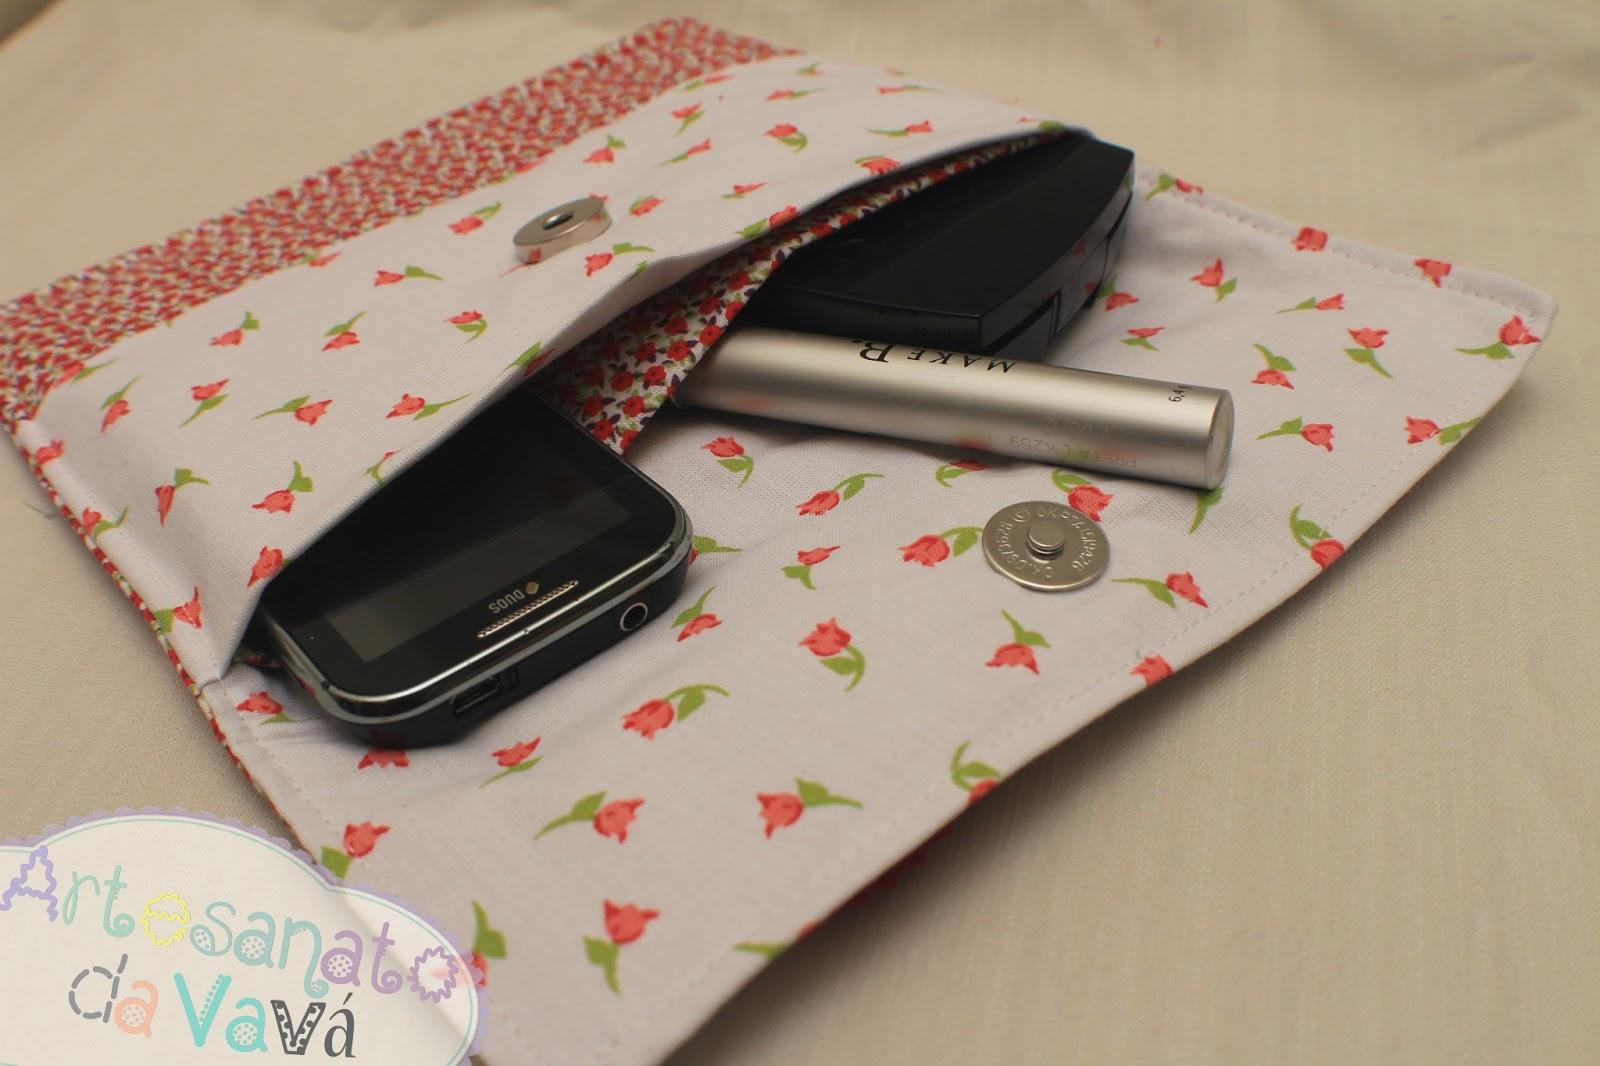 Bolsa De Tecido Feita Com Nós : Artesanato da vav? necessaire floral bolsa para